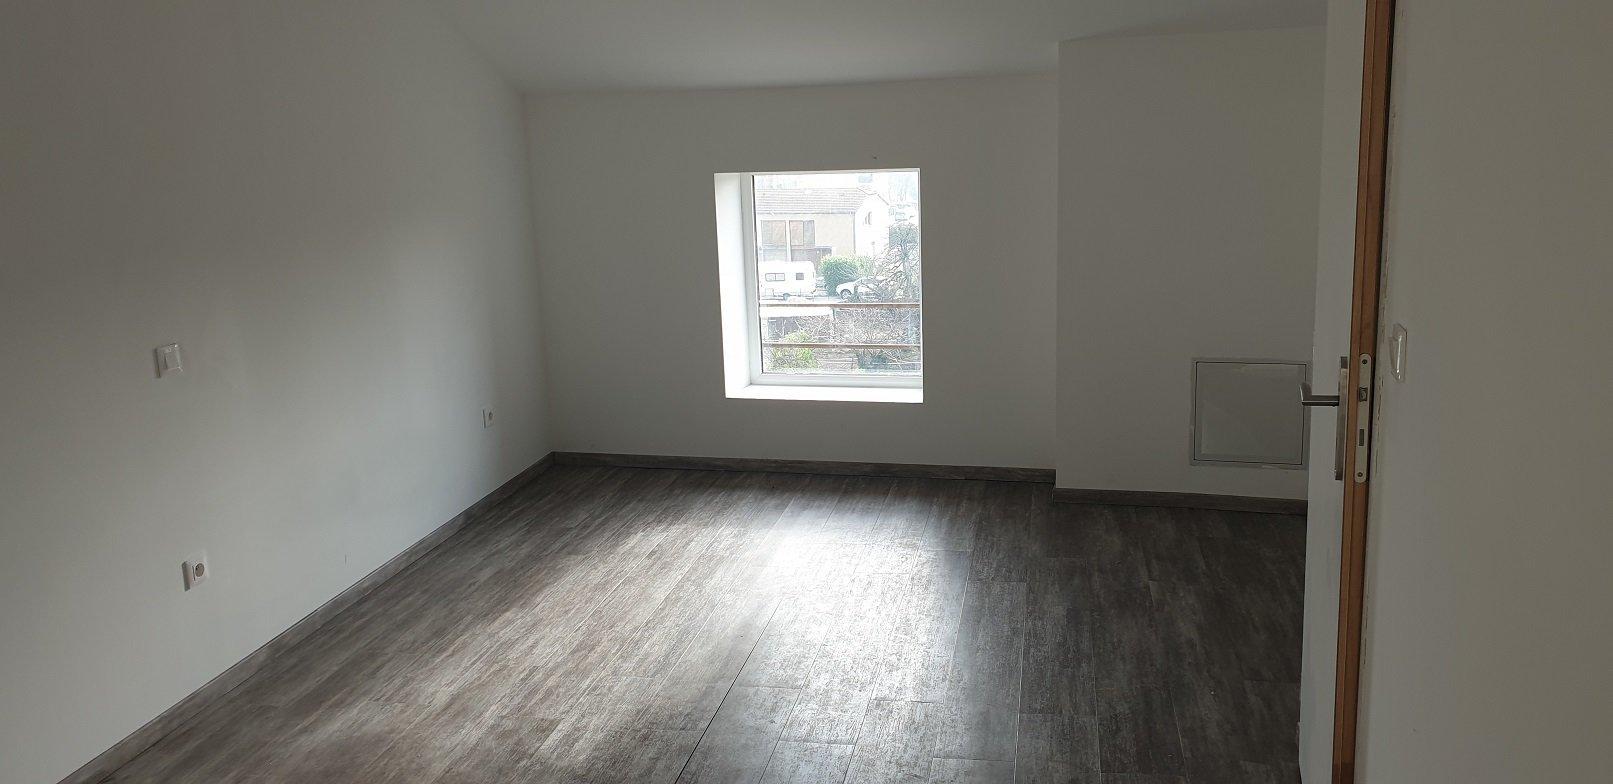 Appartement 95 m² idéal investisseurs